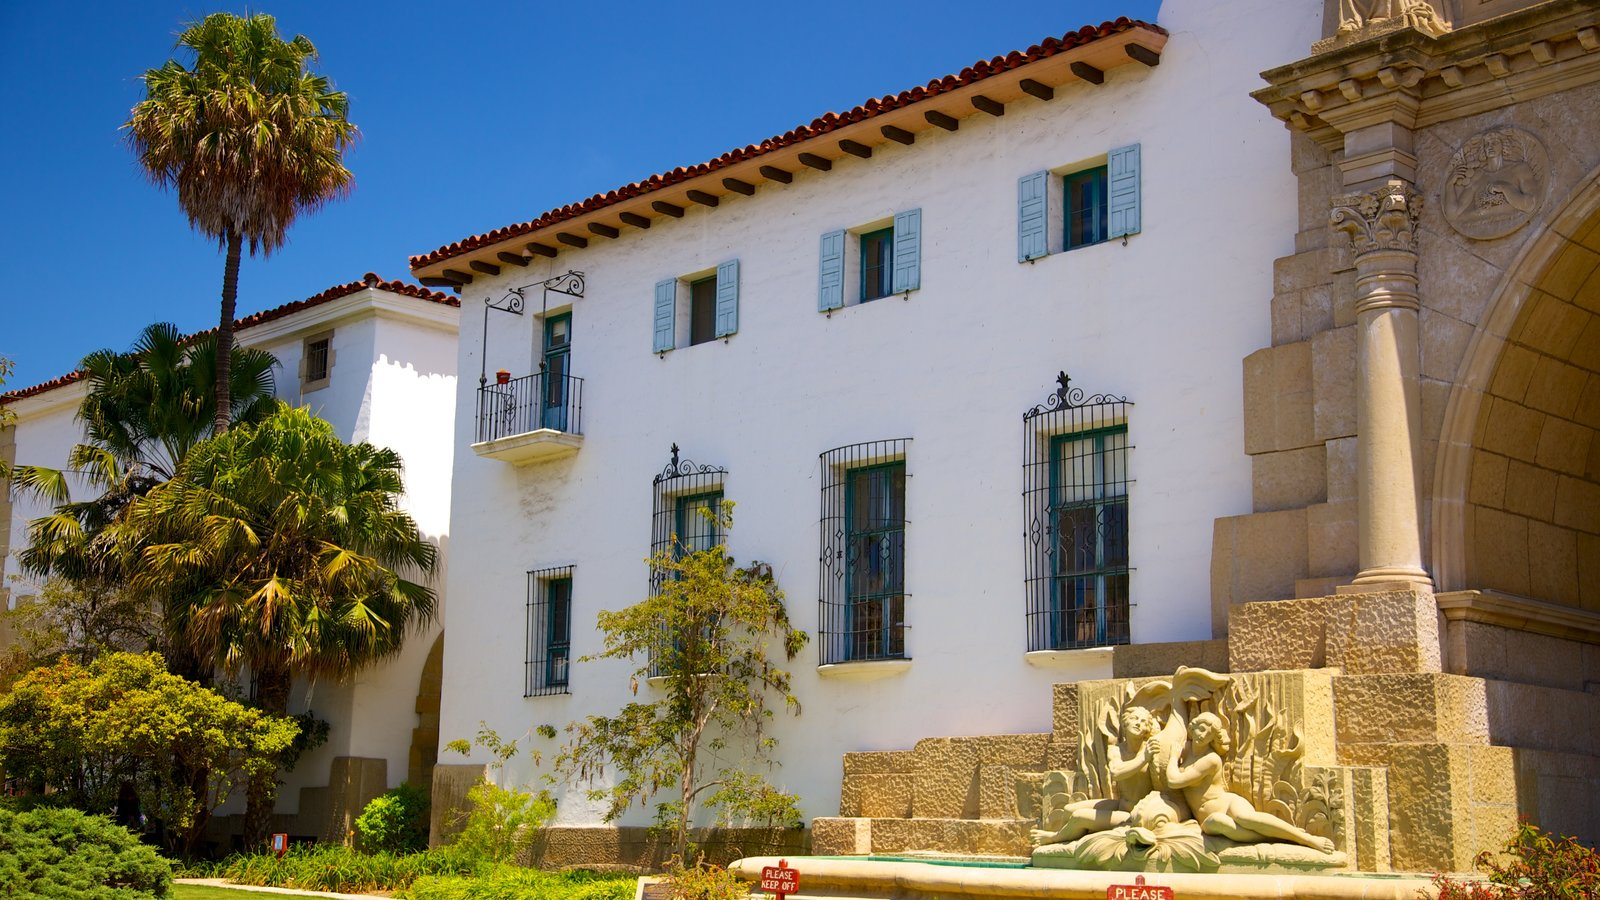 Corte do Condado de Santa Bárbara caracterizando arquitetura de patrimônio e um edifício administrativo